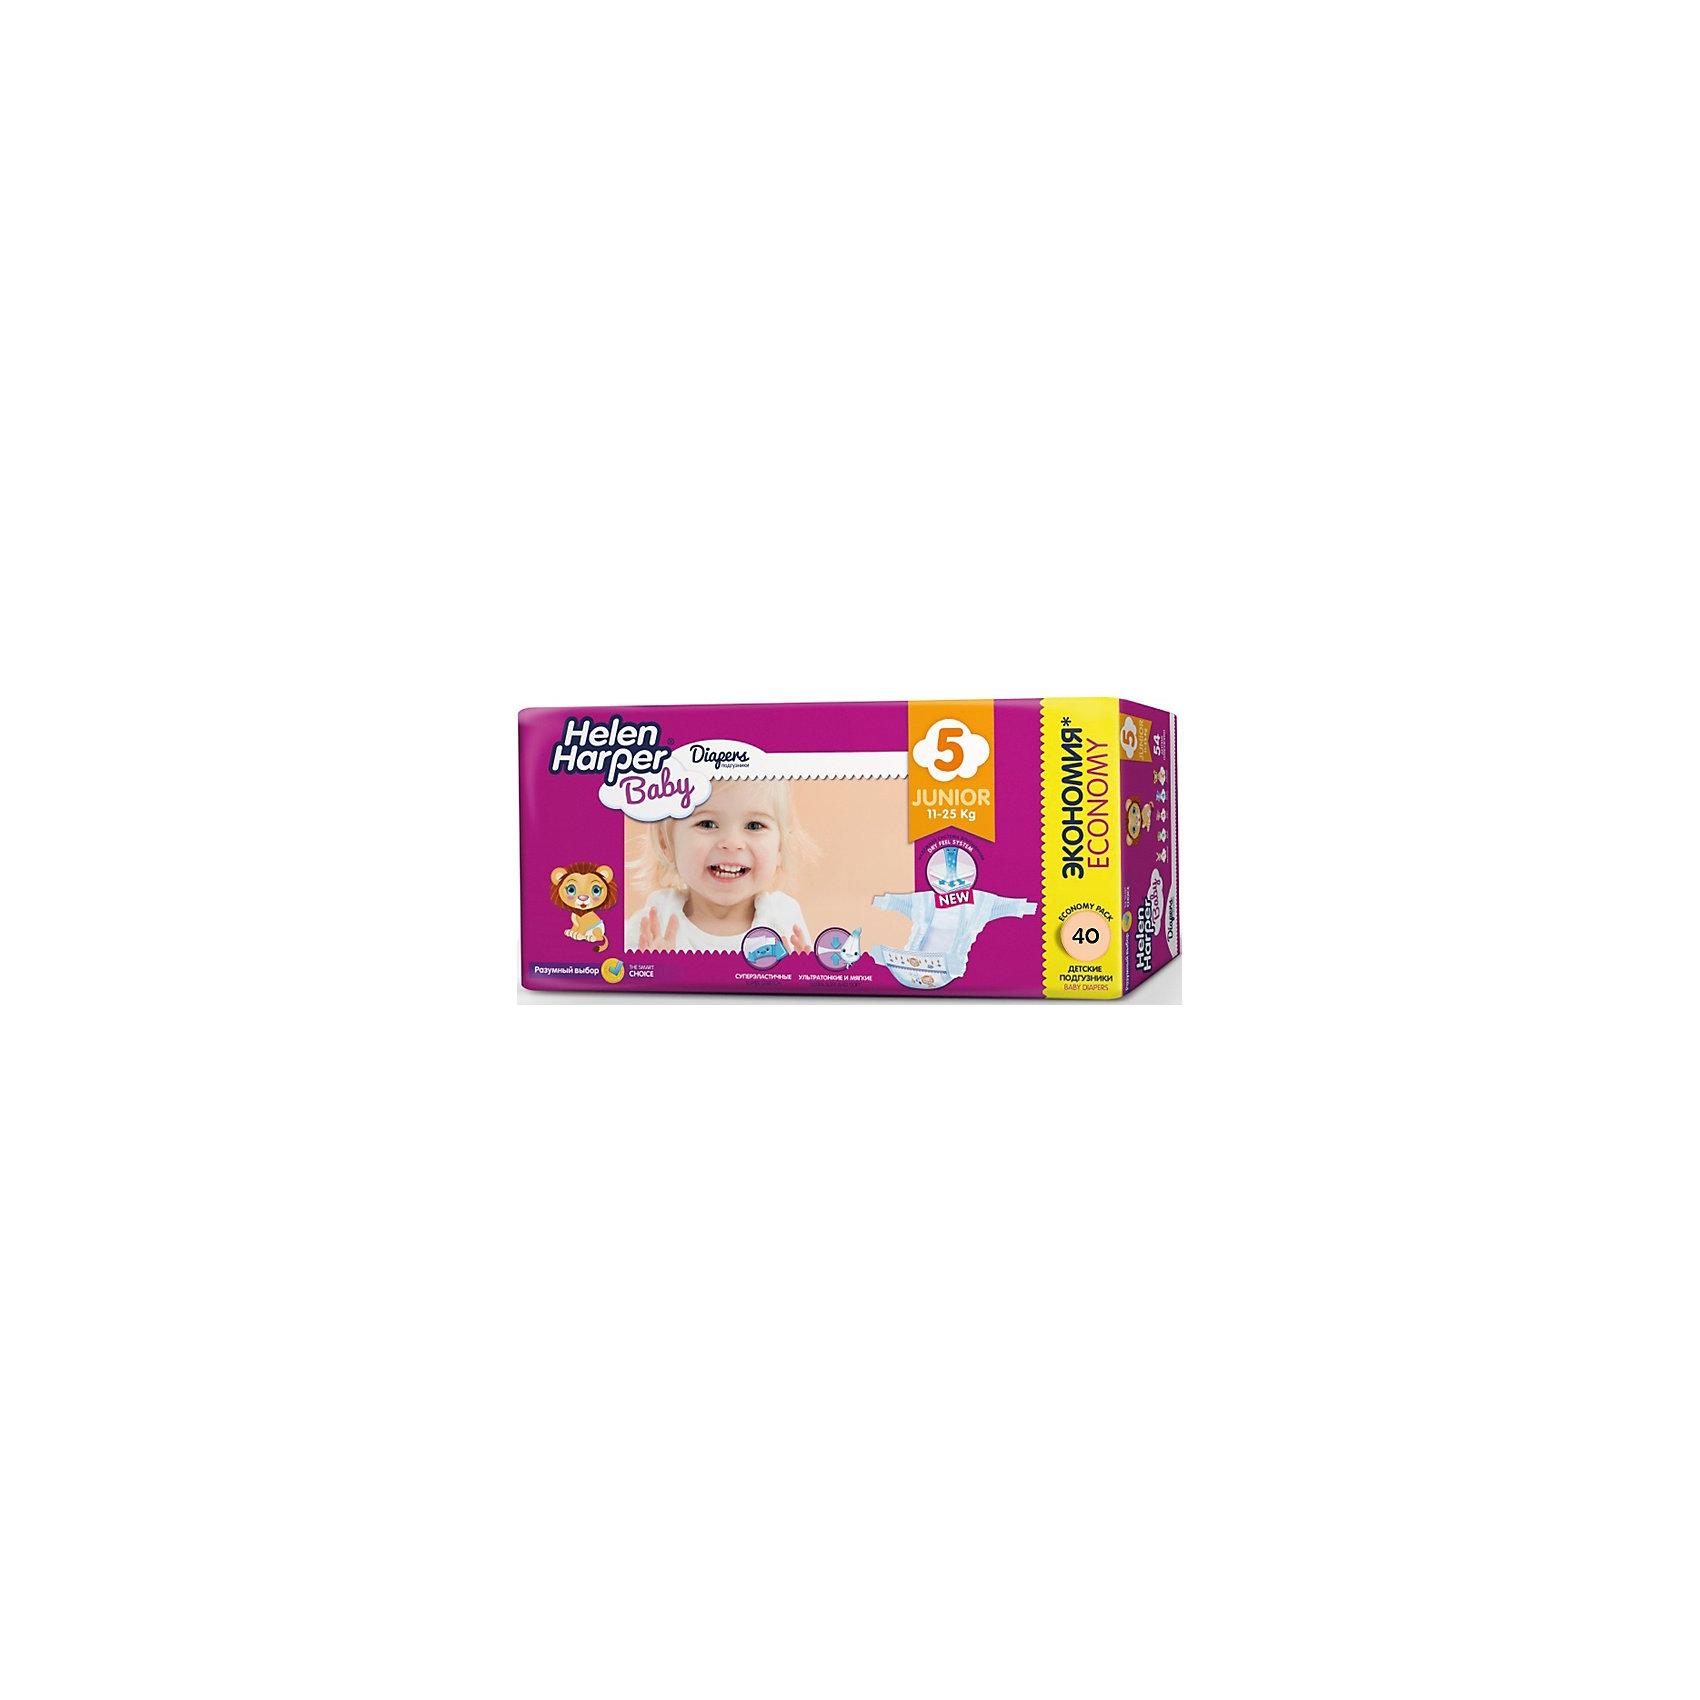 Подгузники Junior Helen Harper Baby 11-25 кг., 40 шт.Подгузники классические<br>Детские подгузники Helen Harper Baby отличаются красочным дизайном и превосходным качеством. Они выполнены из гипоаллергенного дышащего материала без отдушек и ароматизаторов, имеют многоразовые застежки-липучки с пониженным уровнем шума. Уникальная система впитывания надежно удерживает жидкость внутри подгузника, превращая ее в гель и защищая от протеканий. Мягкий внутренний слой препятствует возникновению раздражений на нежной коже малыша и обеспечивает дополнительный комфорт. Благодаря эластичным боковинам и особой анатомической форме подгузник хорошо прилегает к телу ребенка, при этом не стягивает и не натирает кожу.<br><br>Особенности:<br>Высокая впитываемость (система Dry Feel).<br>Внутренний мягкий слой подгузника препятствует возникновению раздражений и опрелостей.<br>Многоразовая застежка-липучка обеспечивает удобство в использовании.<br>Превосходно сидят благодаря анатомической форме подгузника.<br>Эластичные дышащие боковые оборочки препятствуют проникновению влаги наружу.<br>Выполнены из дышащего гипоаллергенного материала.<br><br>Ширина мм: 600<br>Глубина мм: 600<br>Высота мм: 200<br>Вес г: 1657<br>Возраст от месяцев: -2147483648<br>Возраст до месяцев: 2147483647<br>Пол: Унисекс<br>Возраст: Детский<br>SKU: 4729779